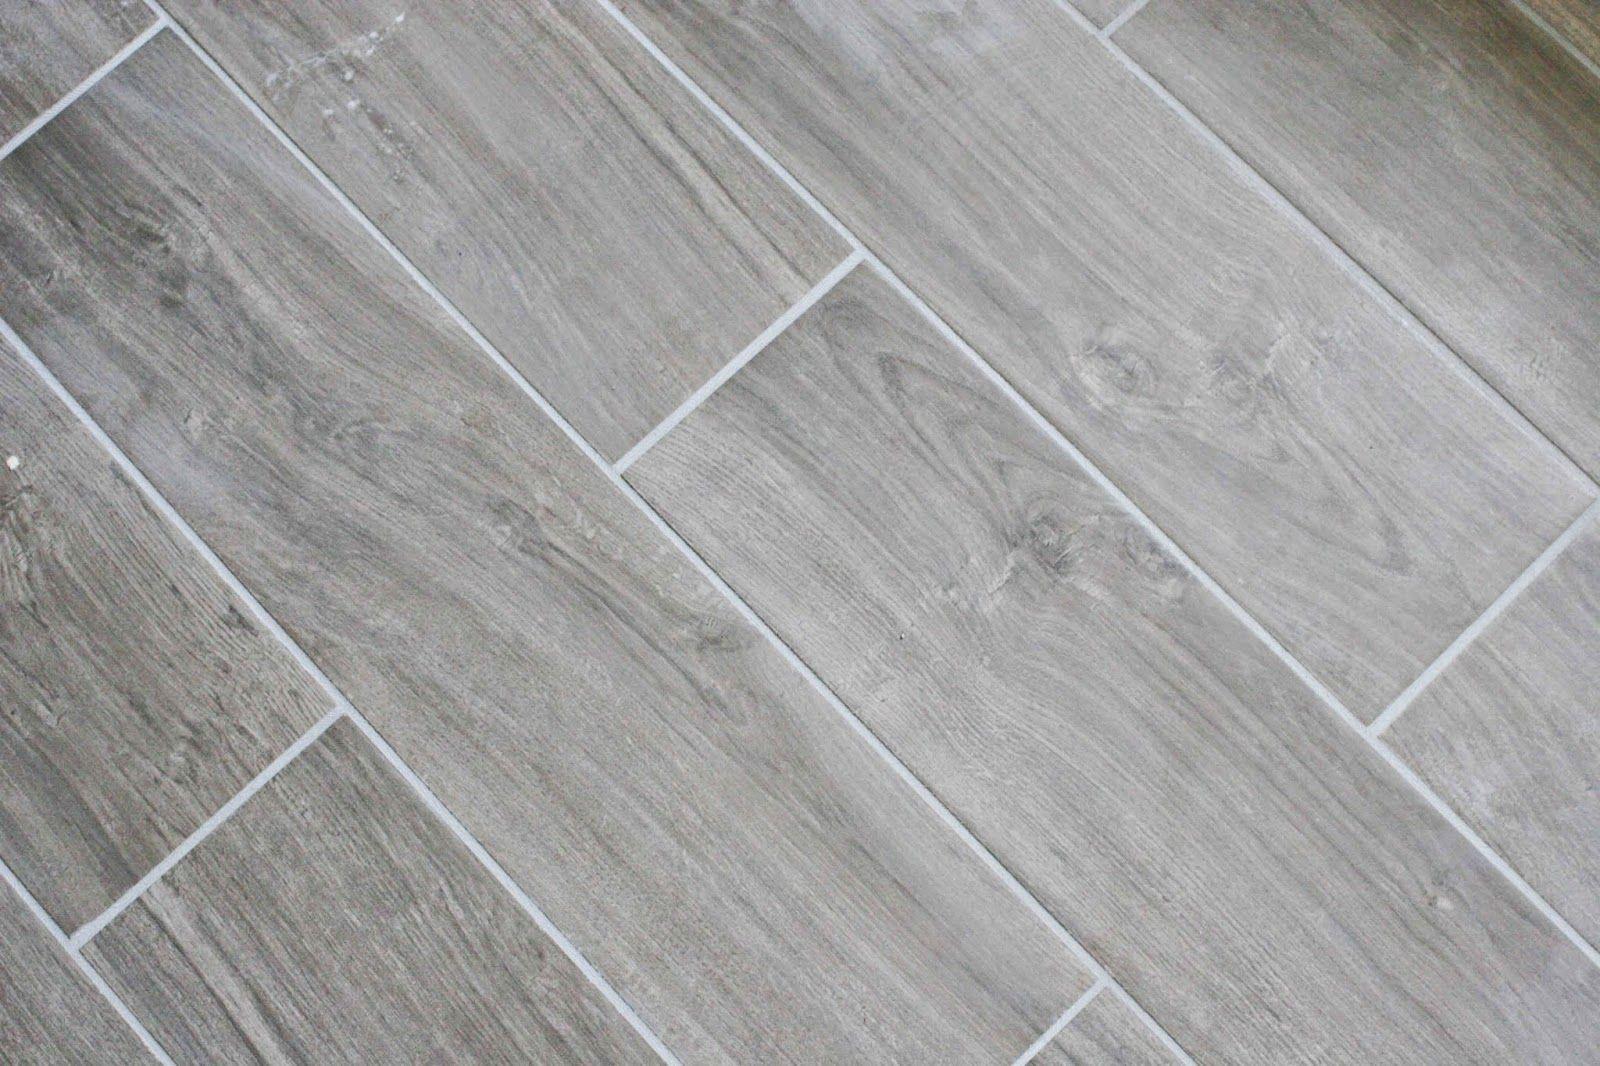 Bathroom Renovation tile makeover Plank tile flooring